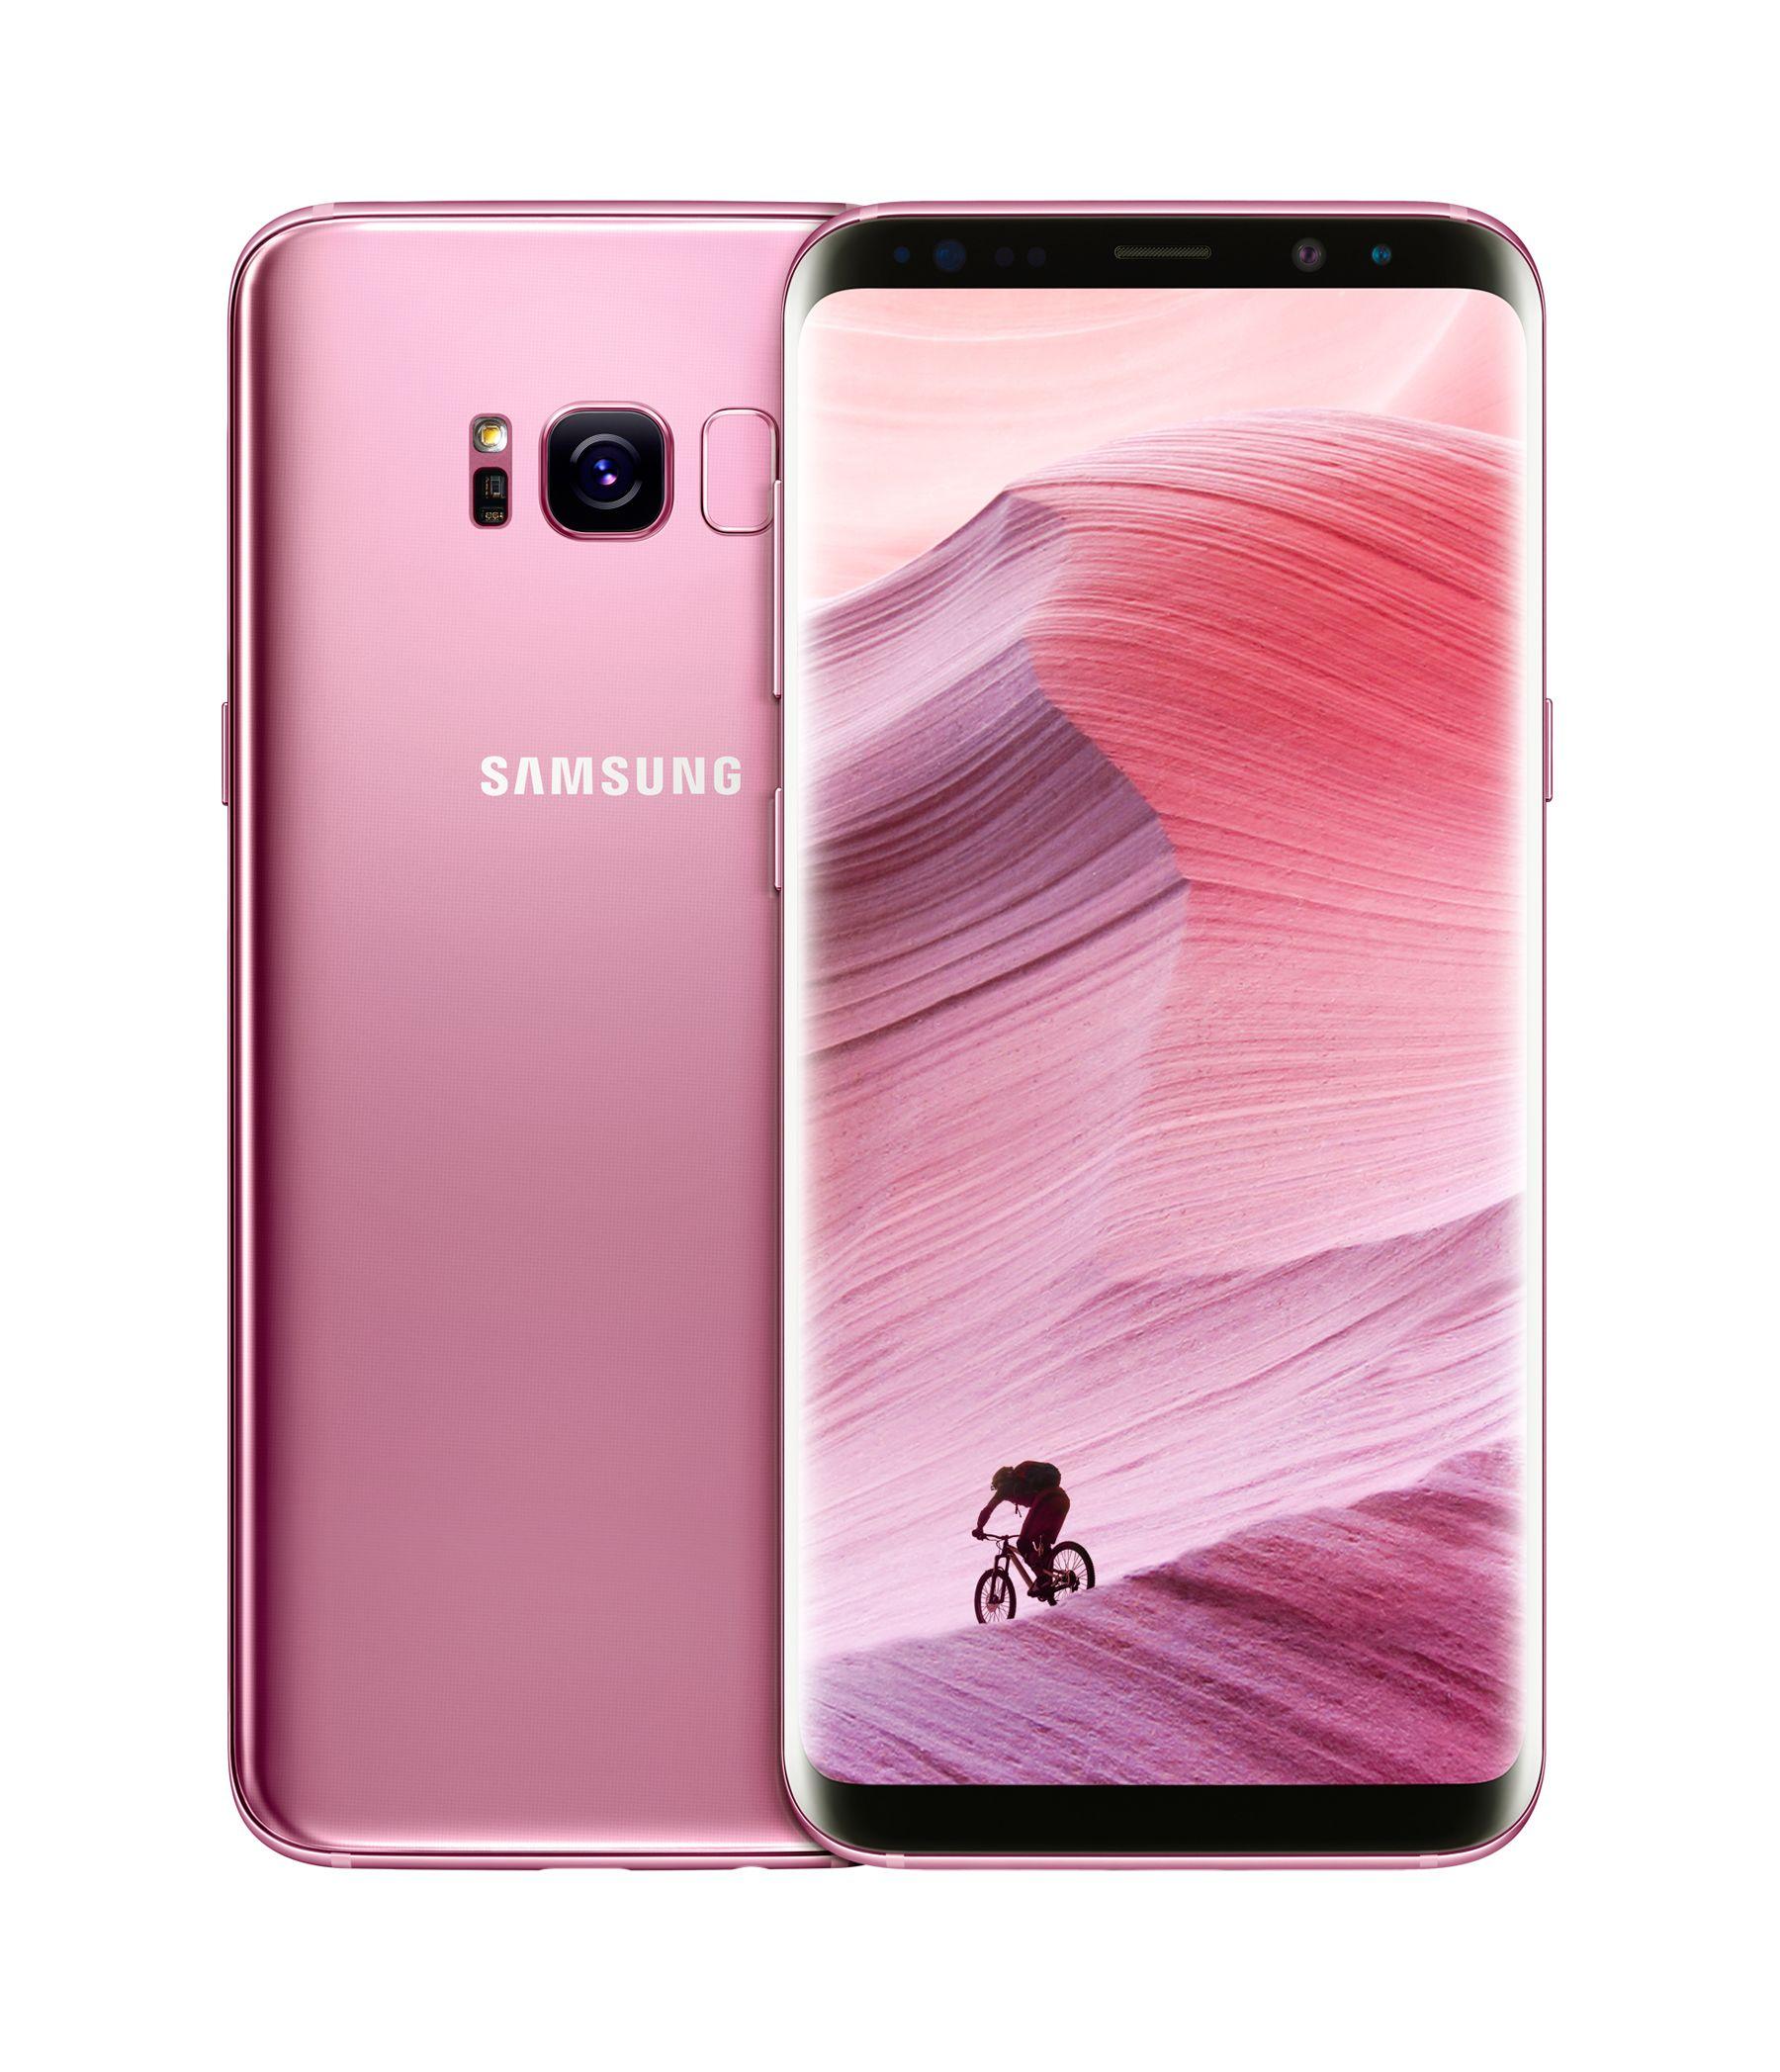 Samsung Galaxy S8 Pink: Nuevo color que completa la gama